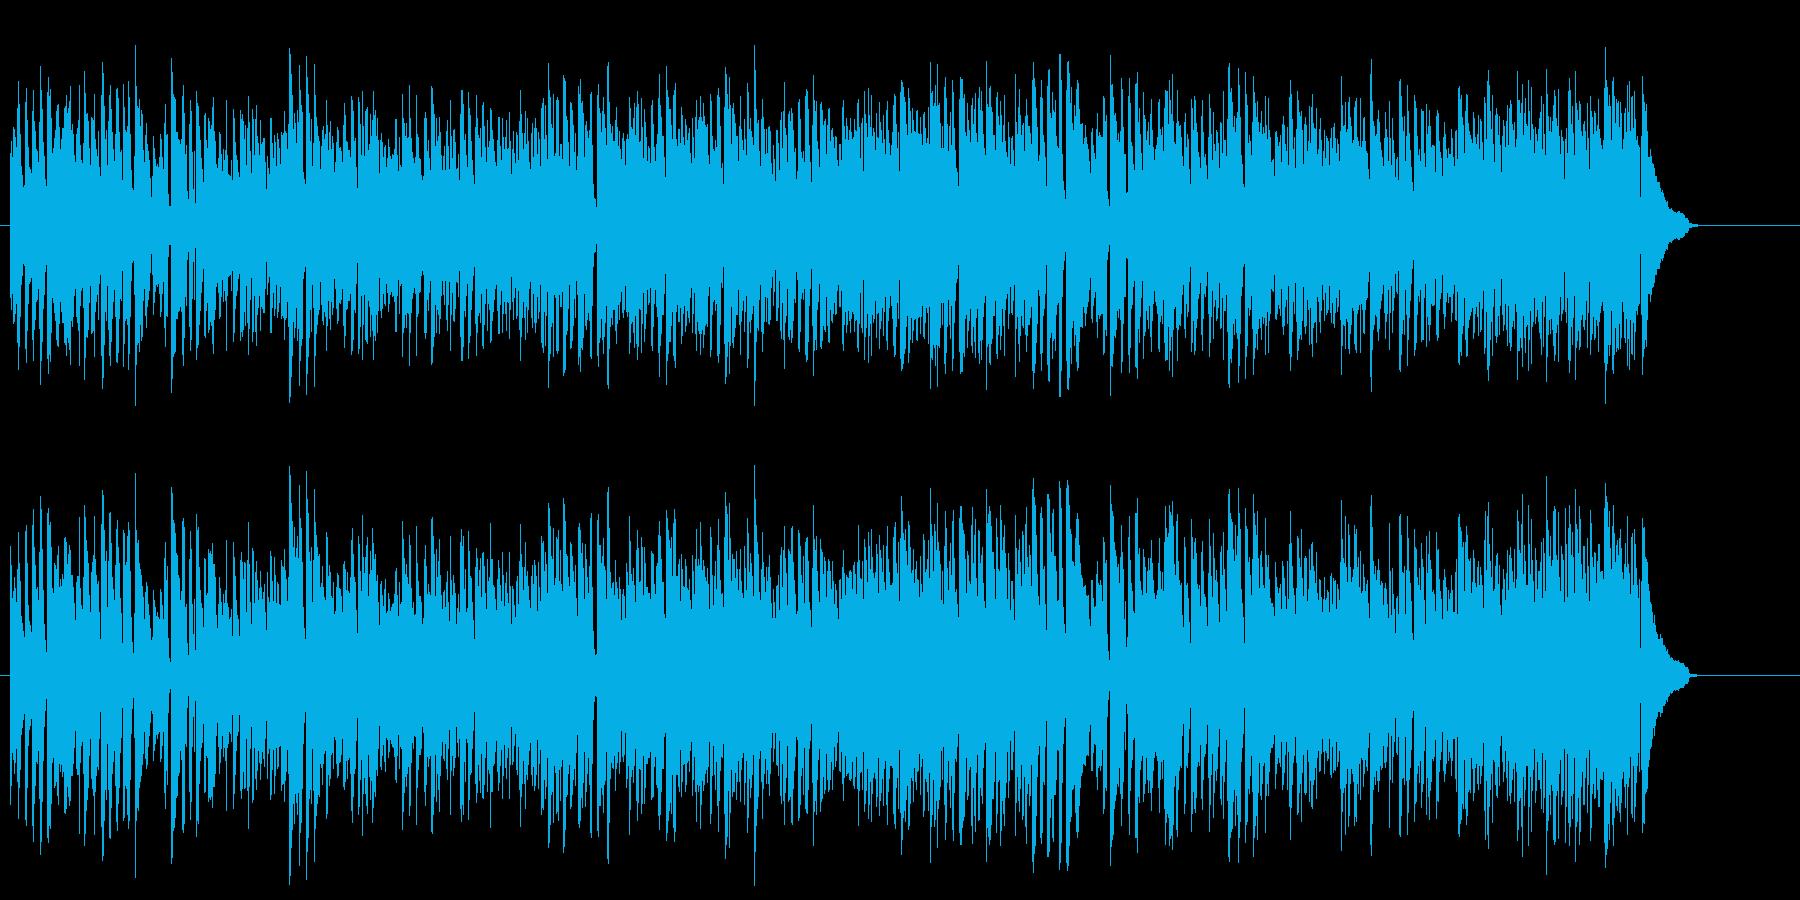 スタンダードな4ビート・ジャズの再生済みの波形